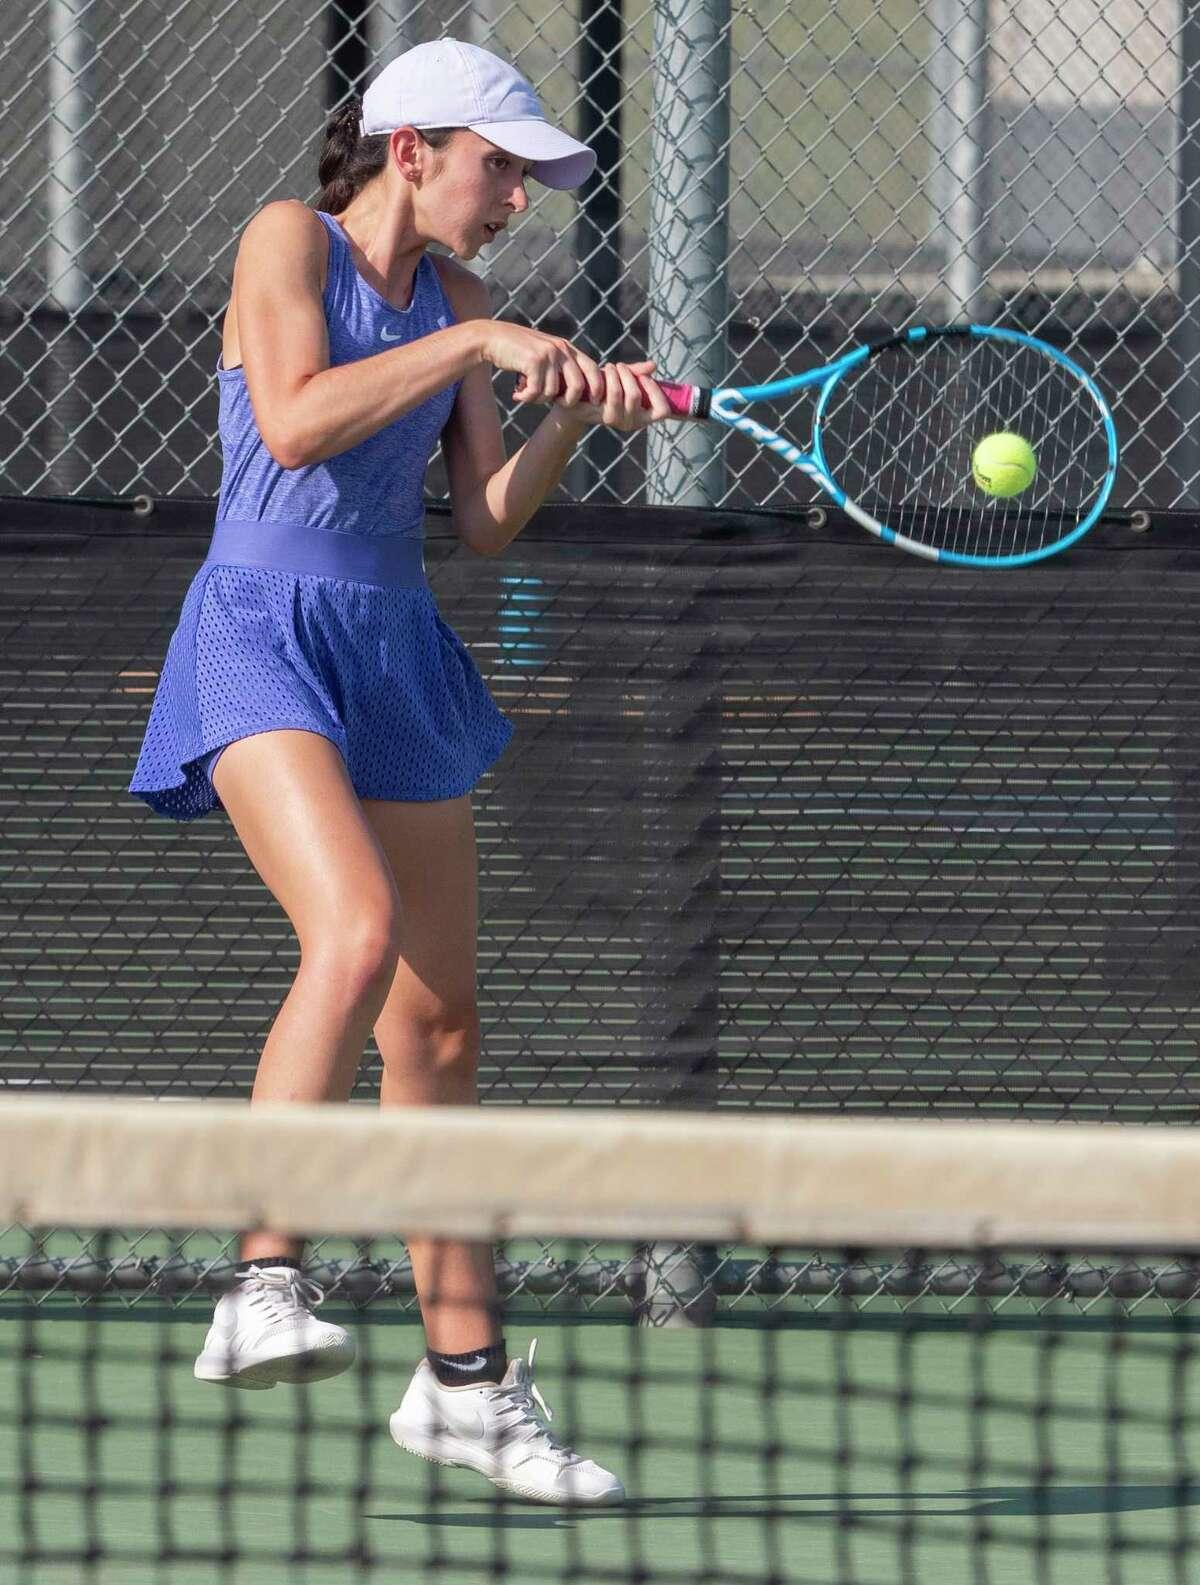 Midland High's Montserrat Salazar returns a shot 10/06/2020 at the Bush Tennis Center. Tim Fischer/Reporter-Telegram